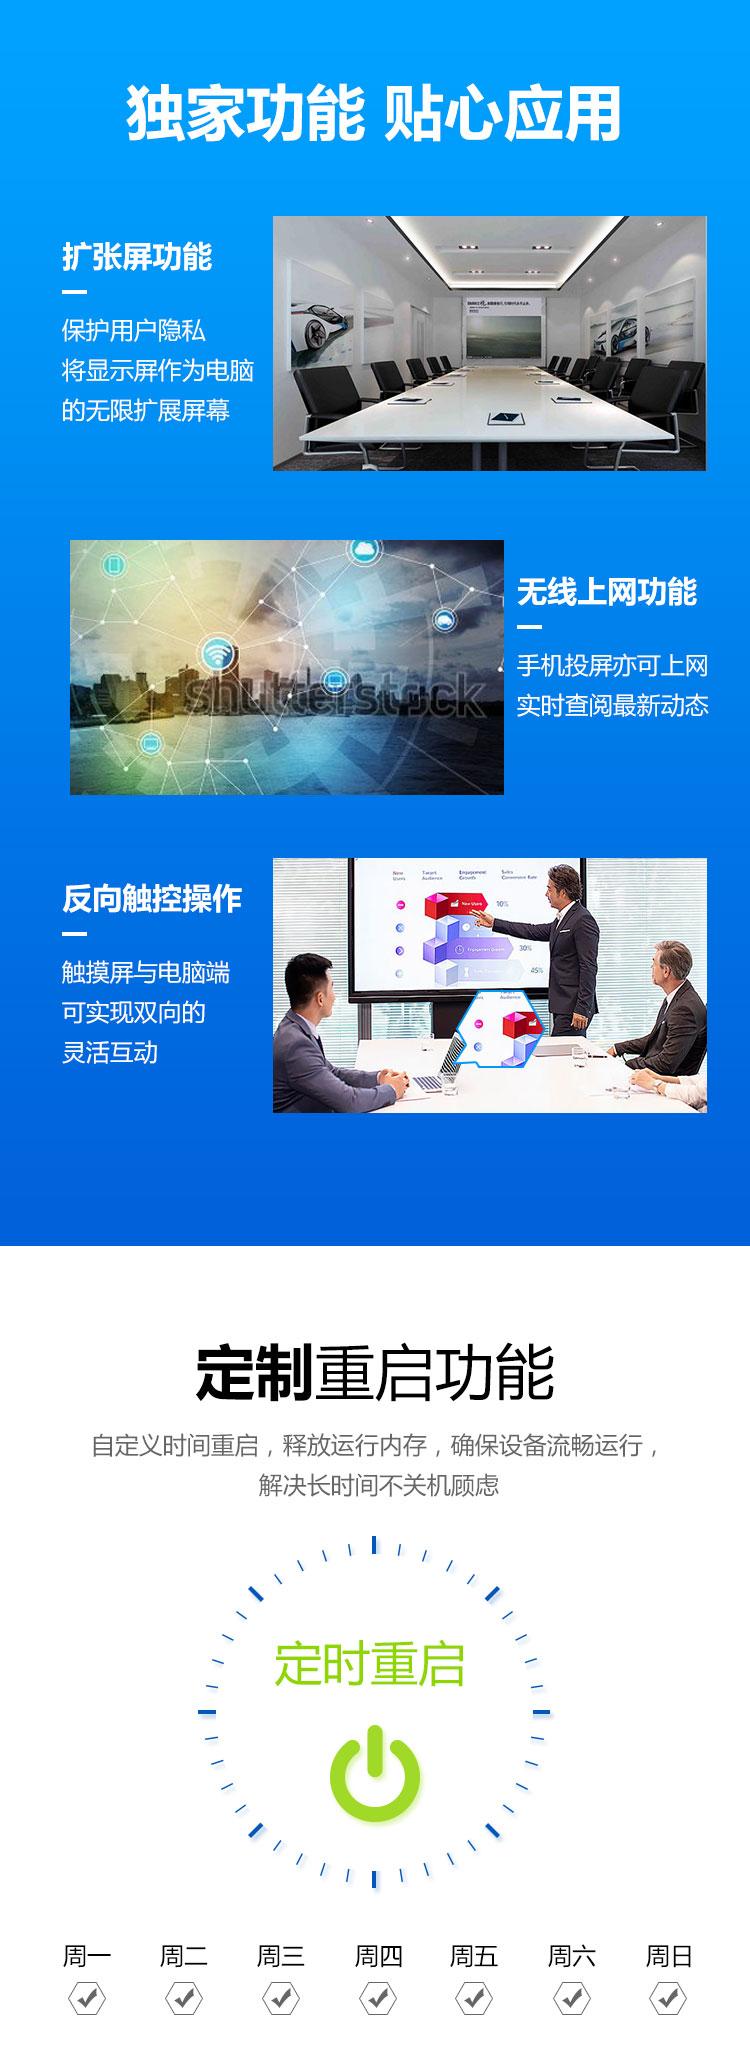 Win7/10笔记本电脑扩展屏也能实现无线投影在投影机上显示